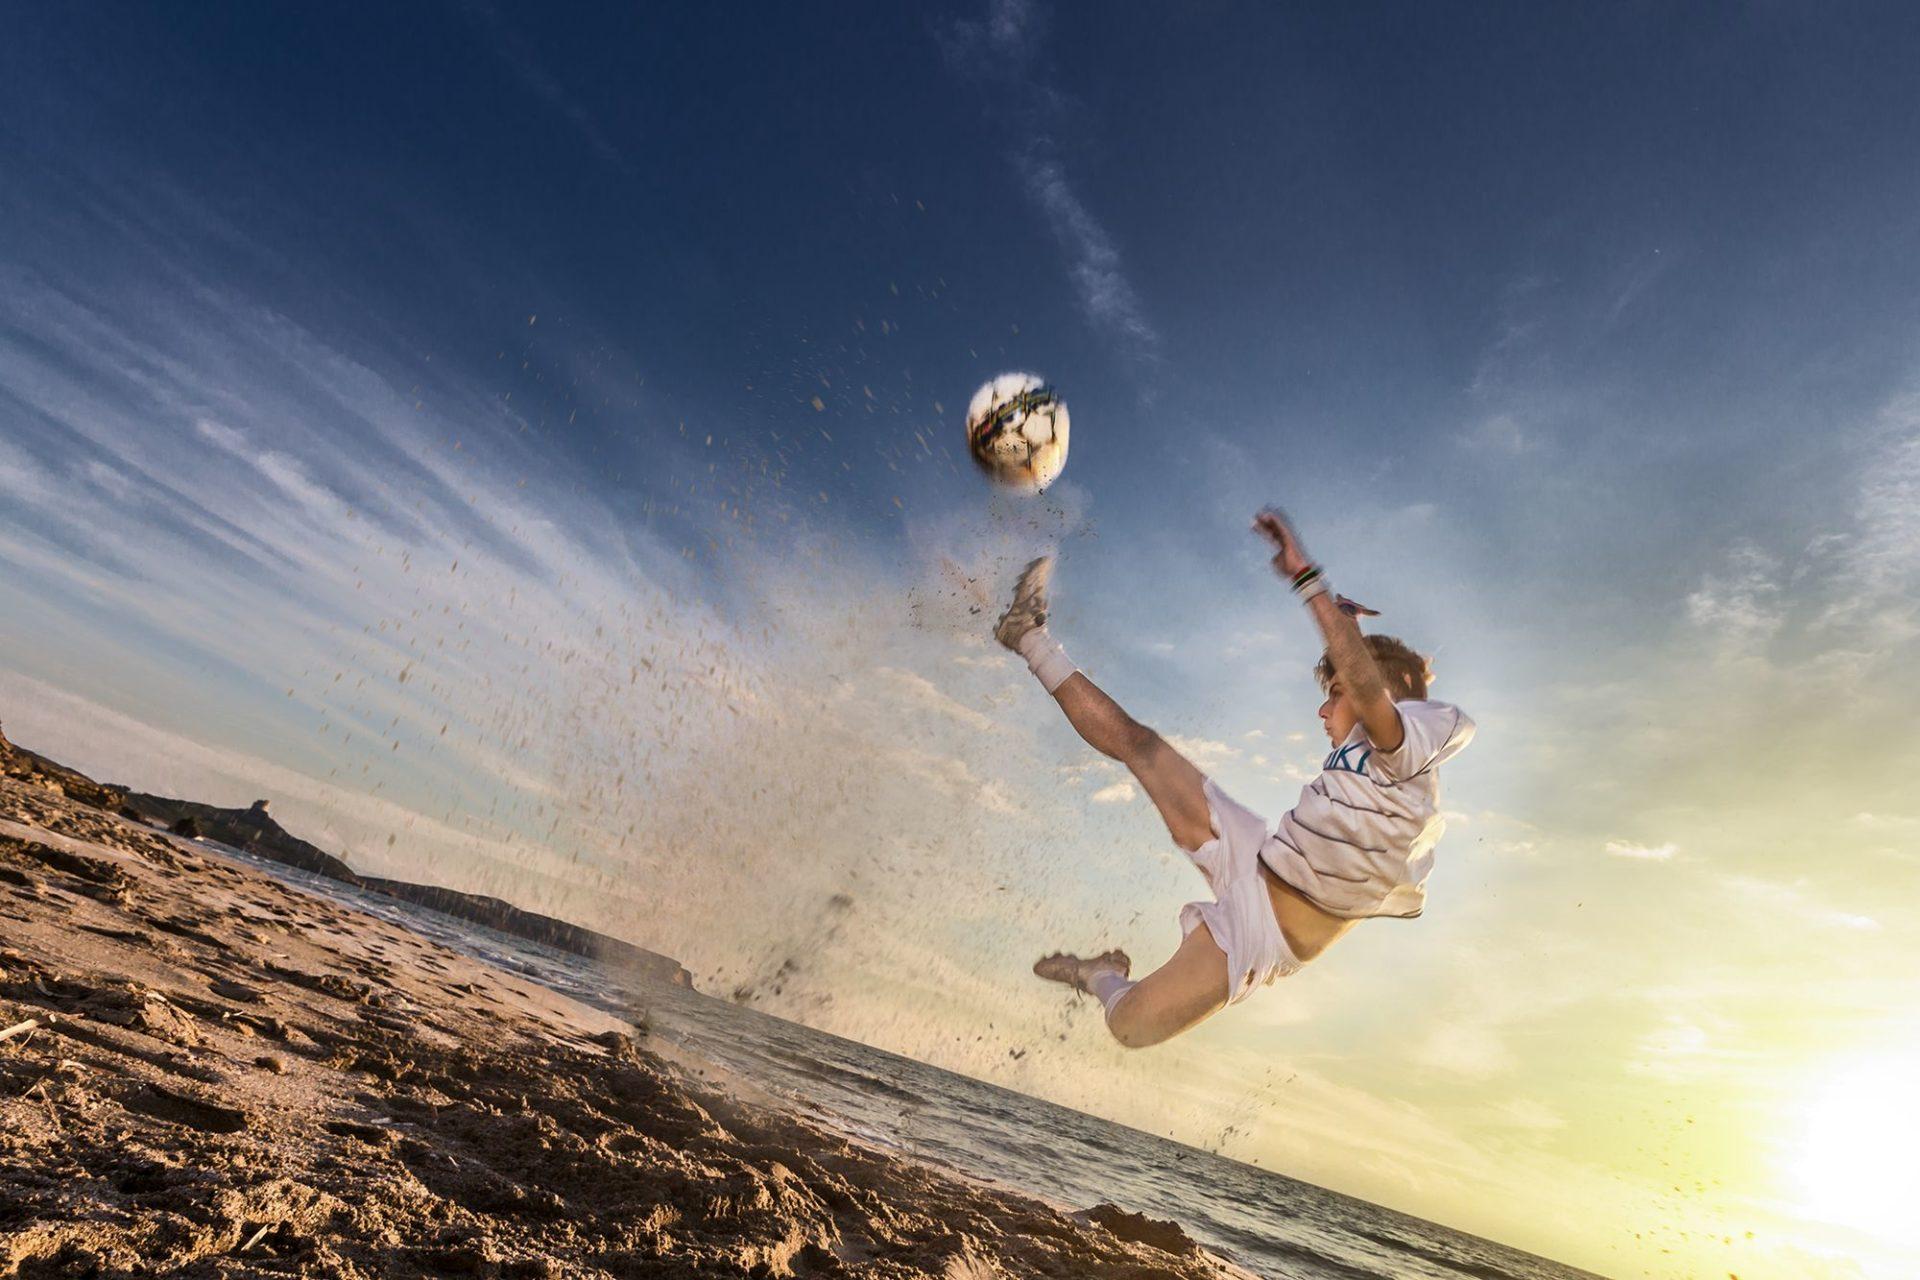 Ritratto realizzato per il Calendario dell'ACF Oristano. Foto scattata nella spiaggia di San Giovanni di Sinis